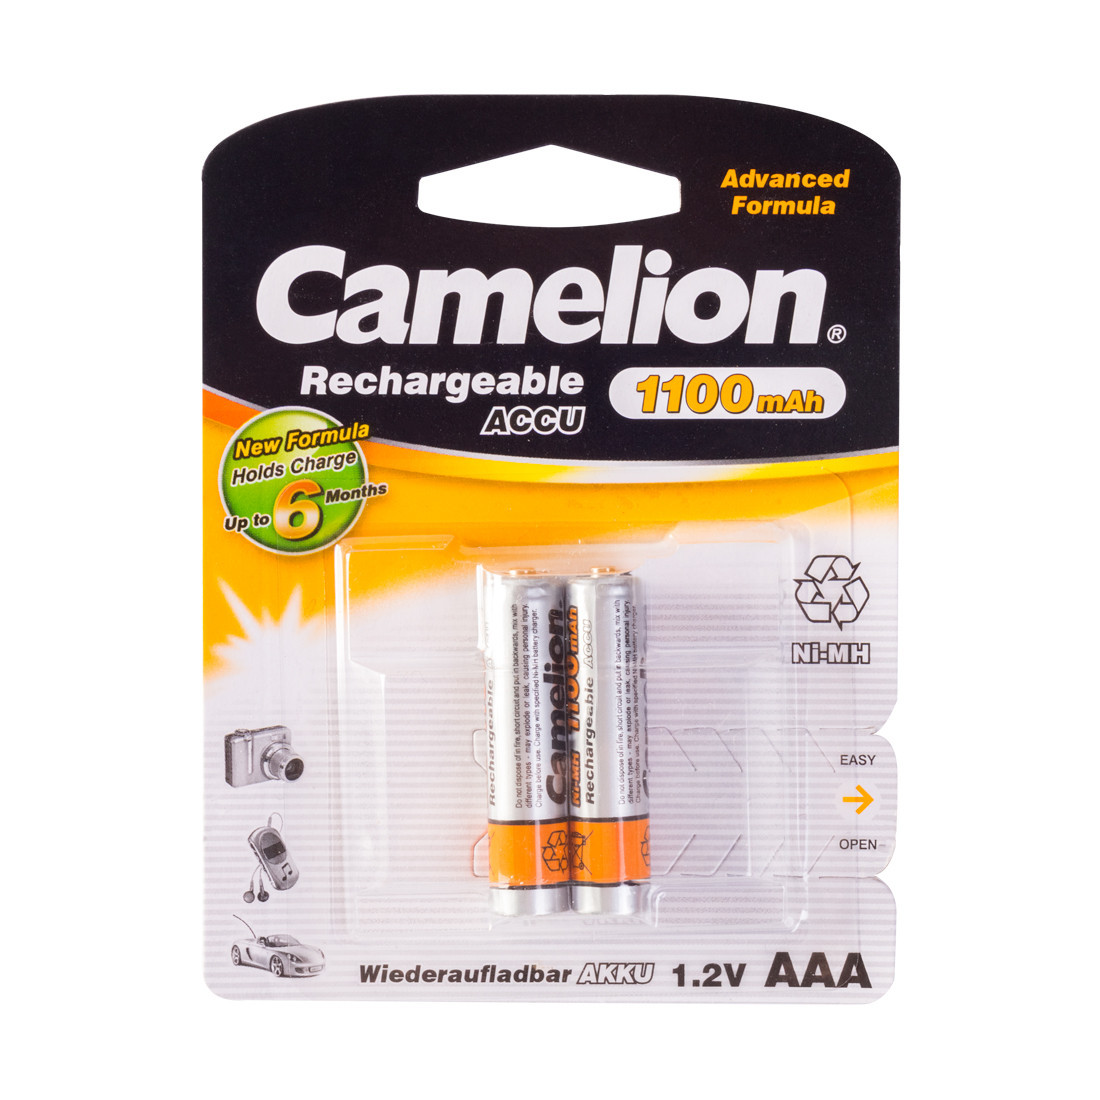 Аккумулятор  CAMELION  NH-AAА1100BP2  Rechargeable  AAA  1.2V  1100 mAh  2 шт.  Блистер